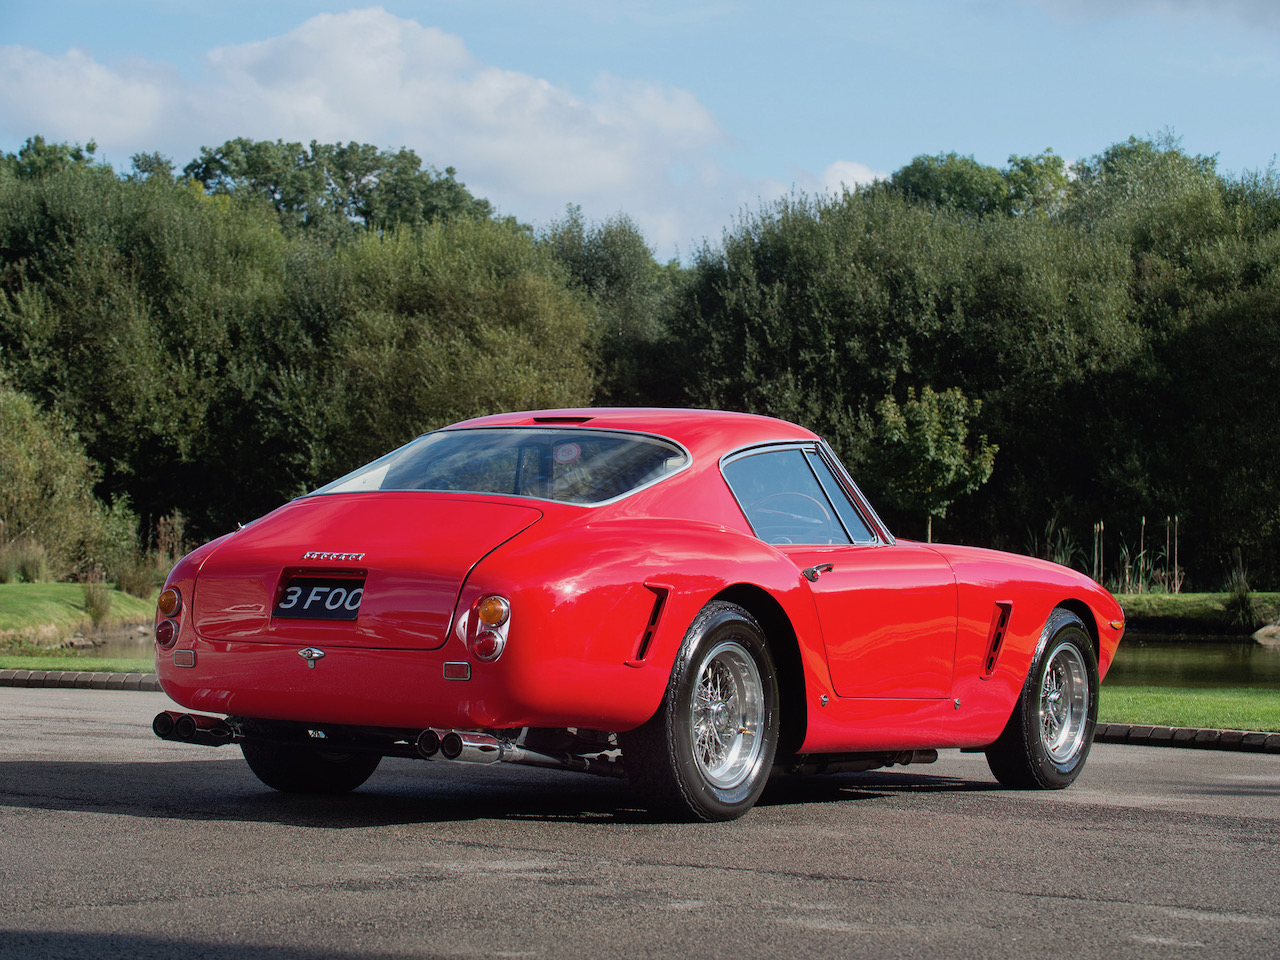 Salon Privé to mark 60th Anniversary of Ferrari 250 GT SWB Berlinetta